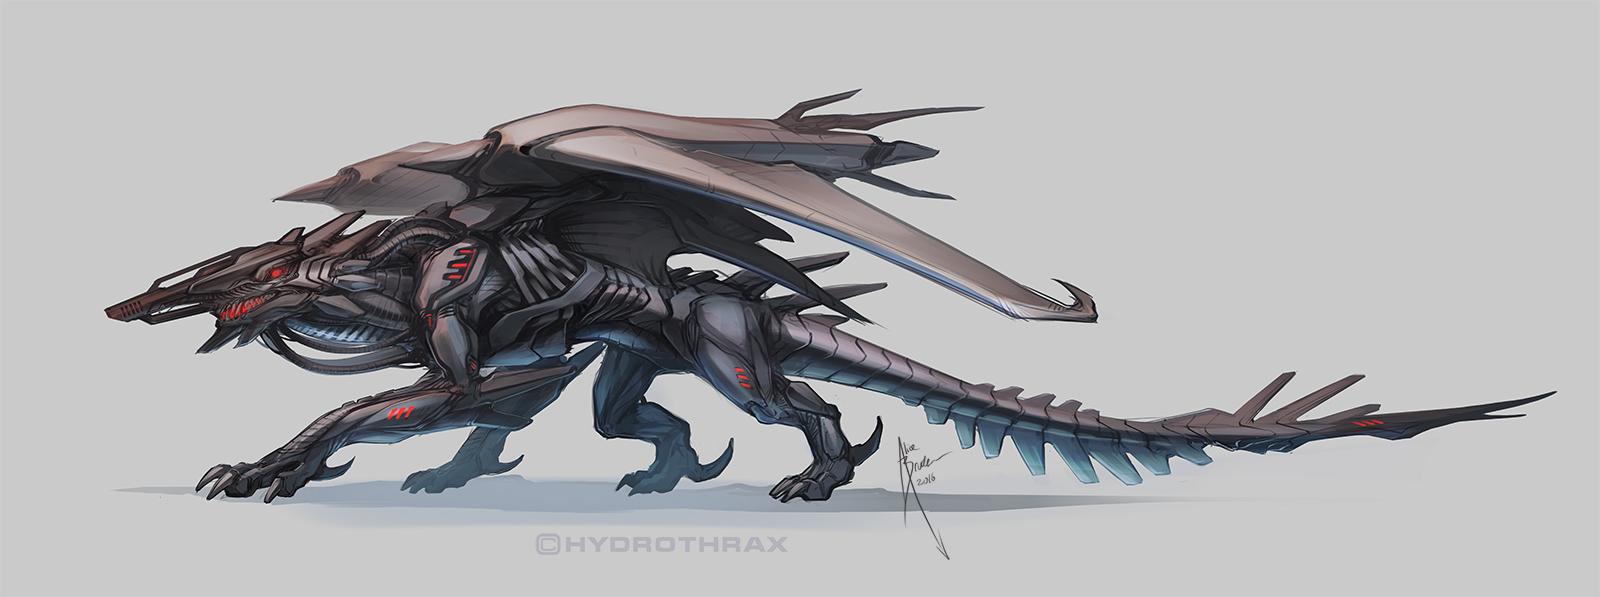 Gunface Dragonmech by Hydrothrax